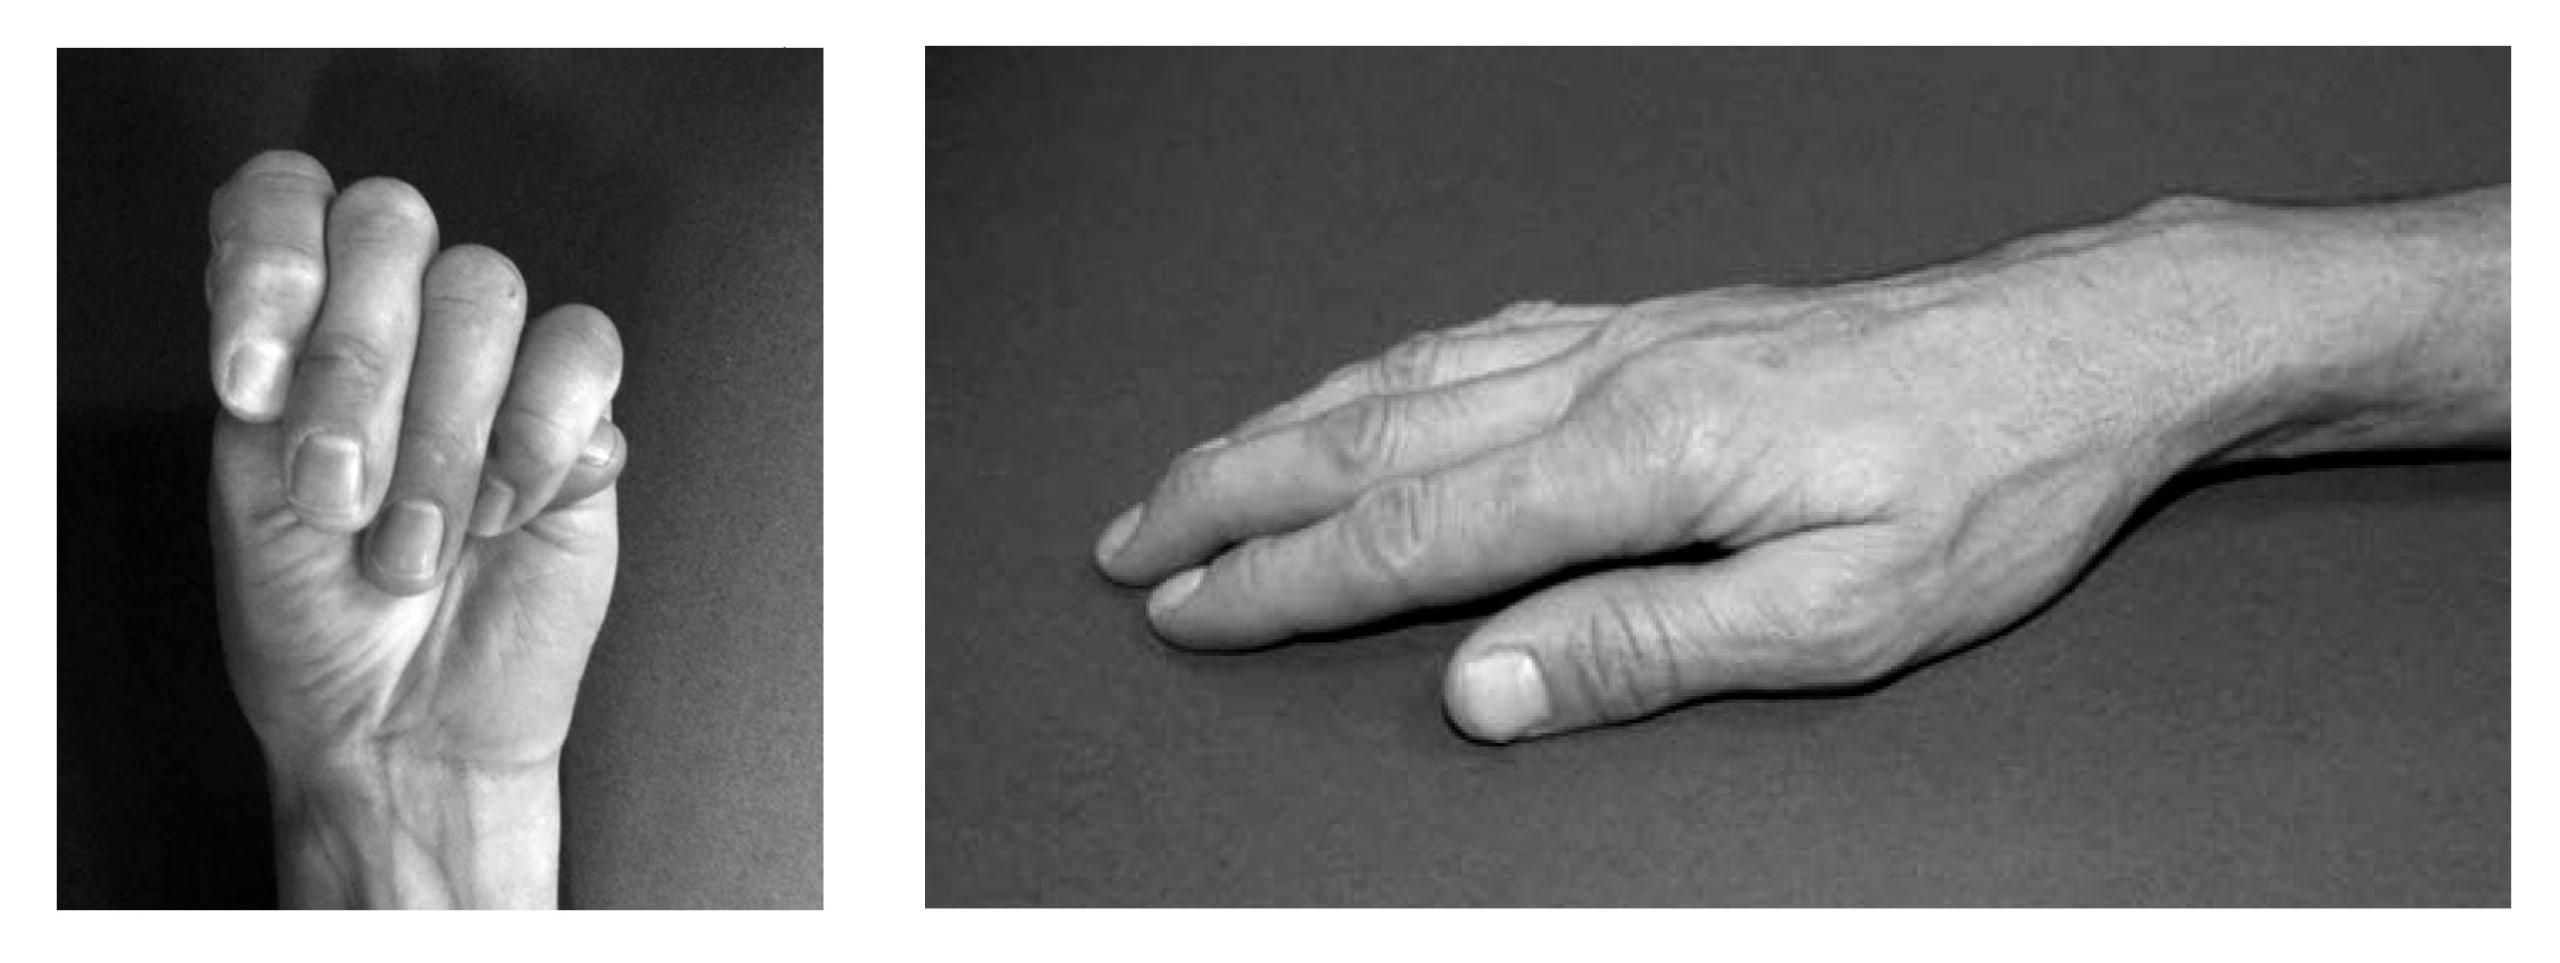 las manos de paganini con marfan